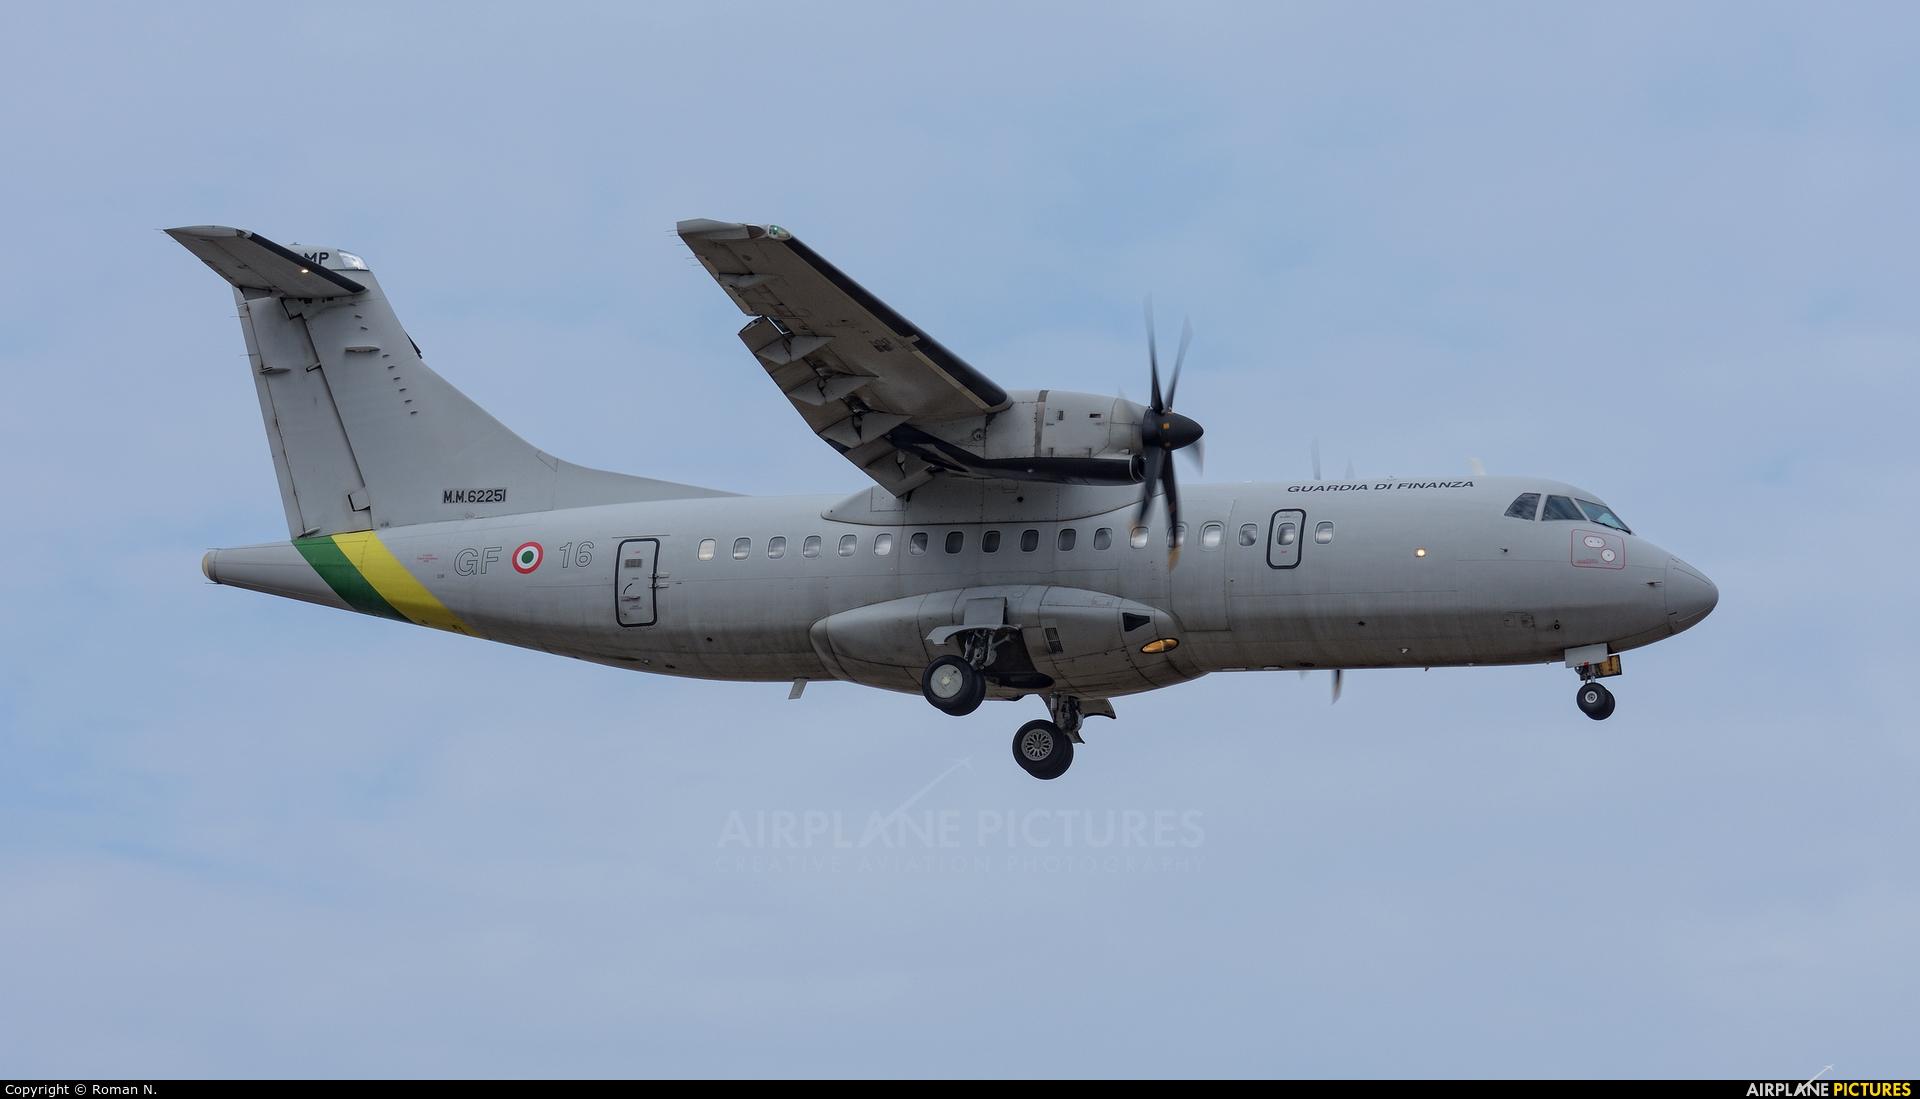 Italy - Guardia di Finanza MM62251 aircraft at Trapani - Birgi